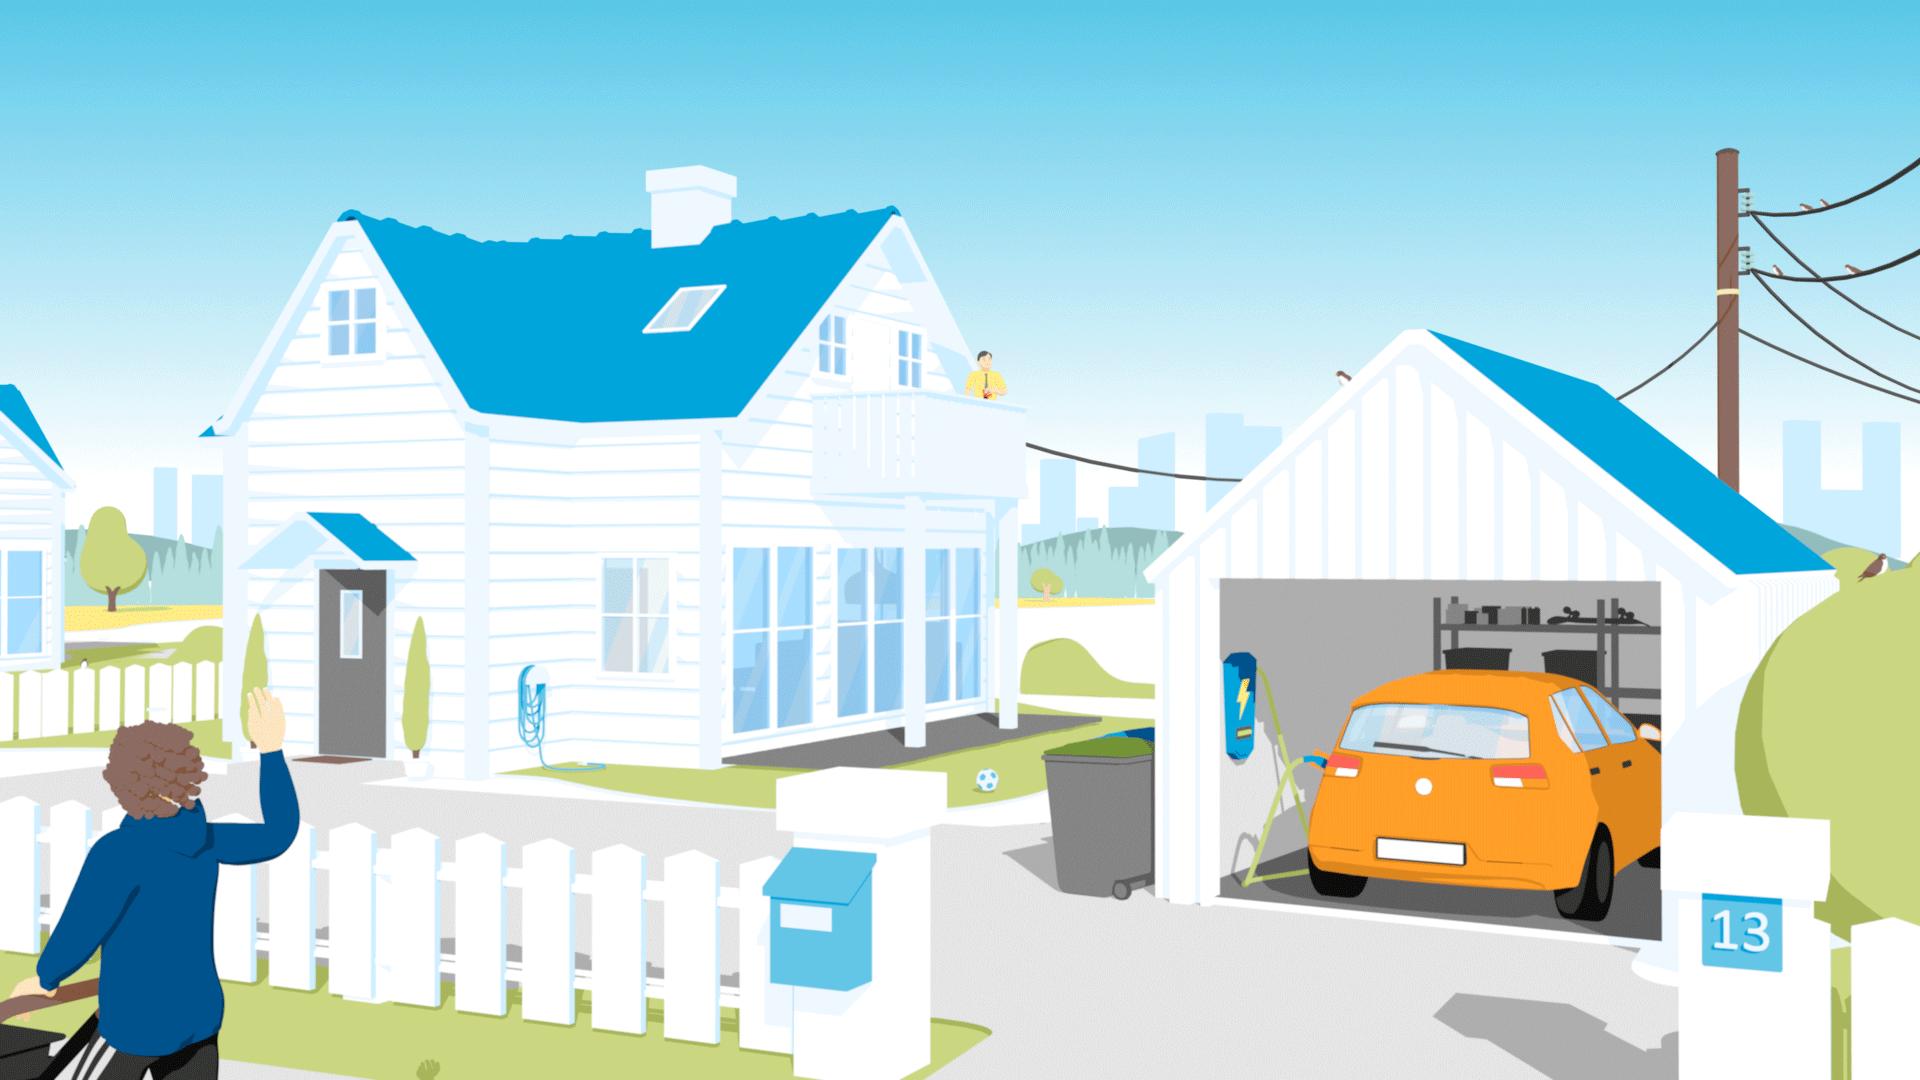 2d animasjon lagd i 3d for hafslund av en person med barnevogn som vinker til en mann med kaffe på terrasse på et hus